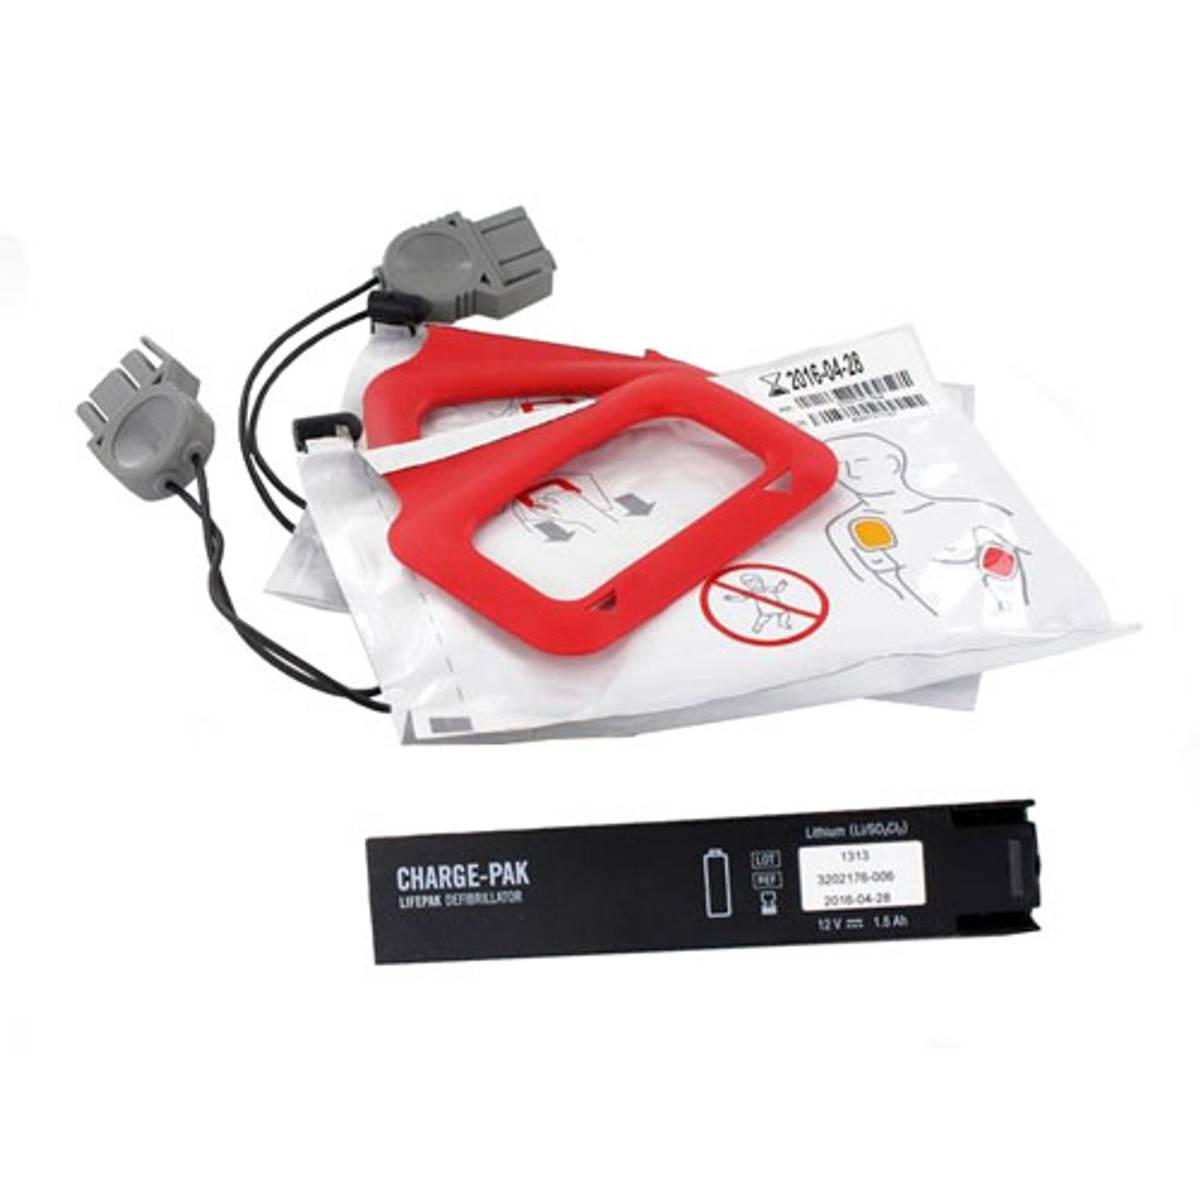 Lifepak CR Plus - Charge-Pak batteri og 1 par elektroder Voksen